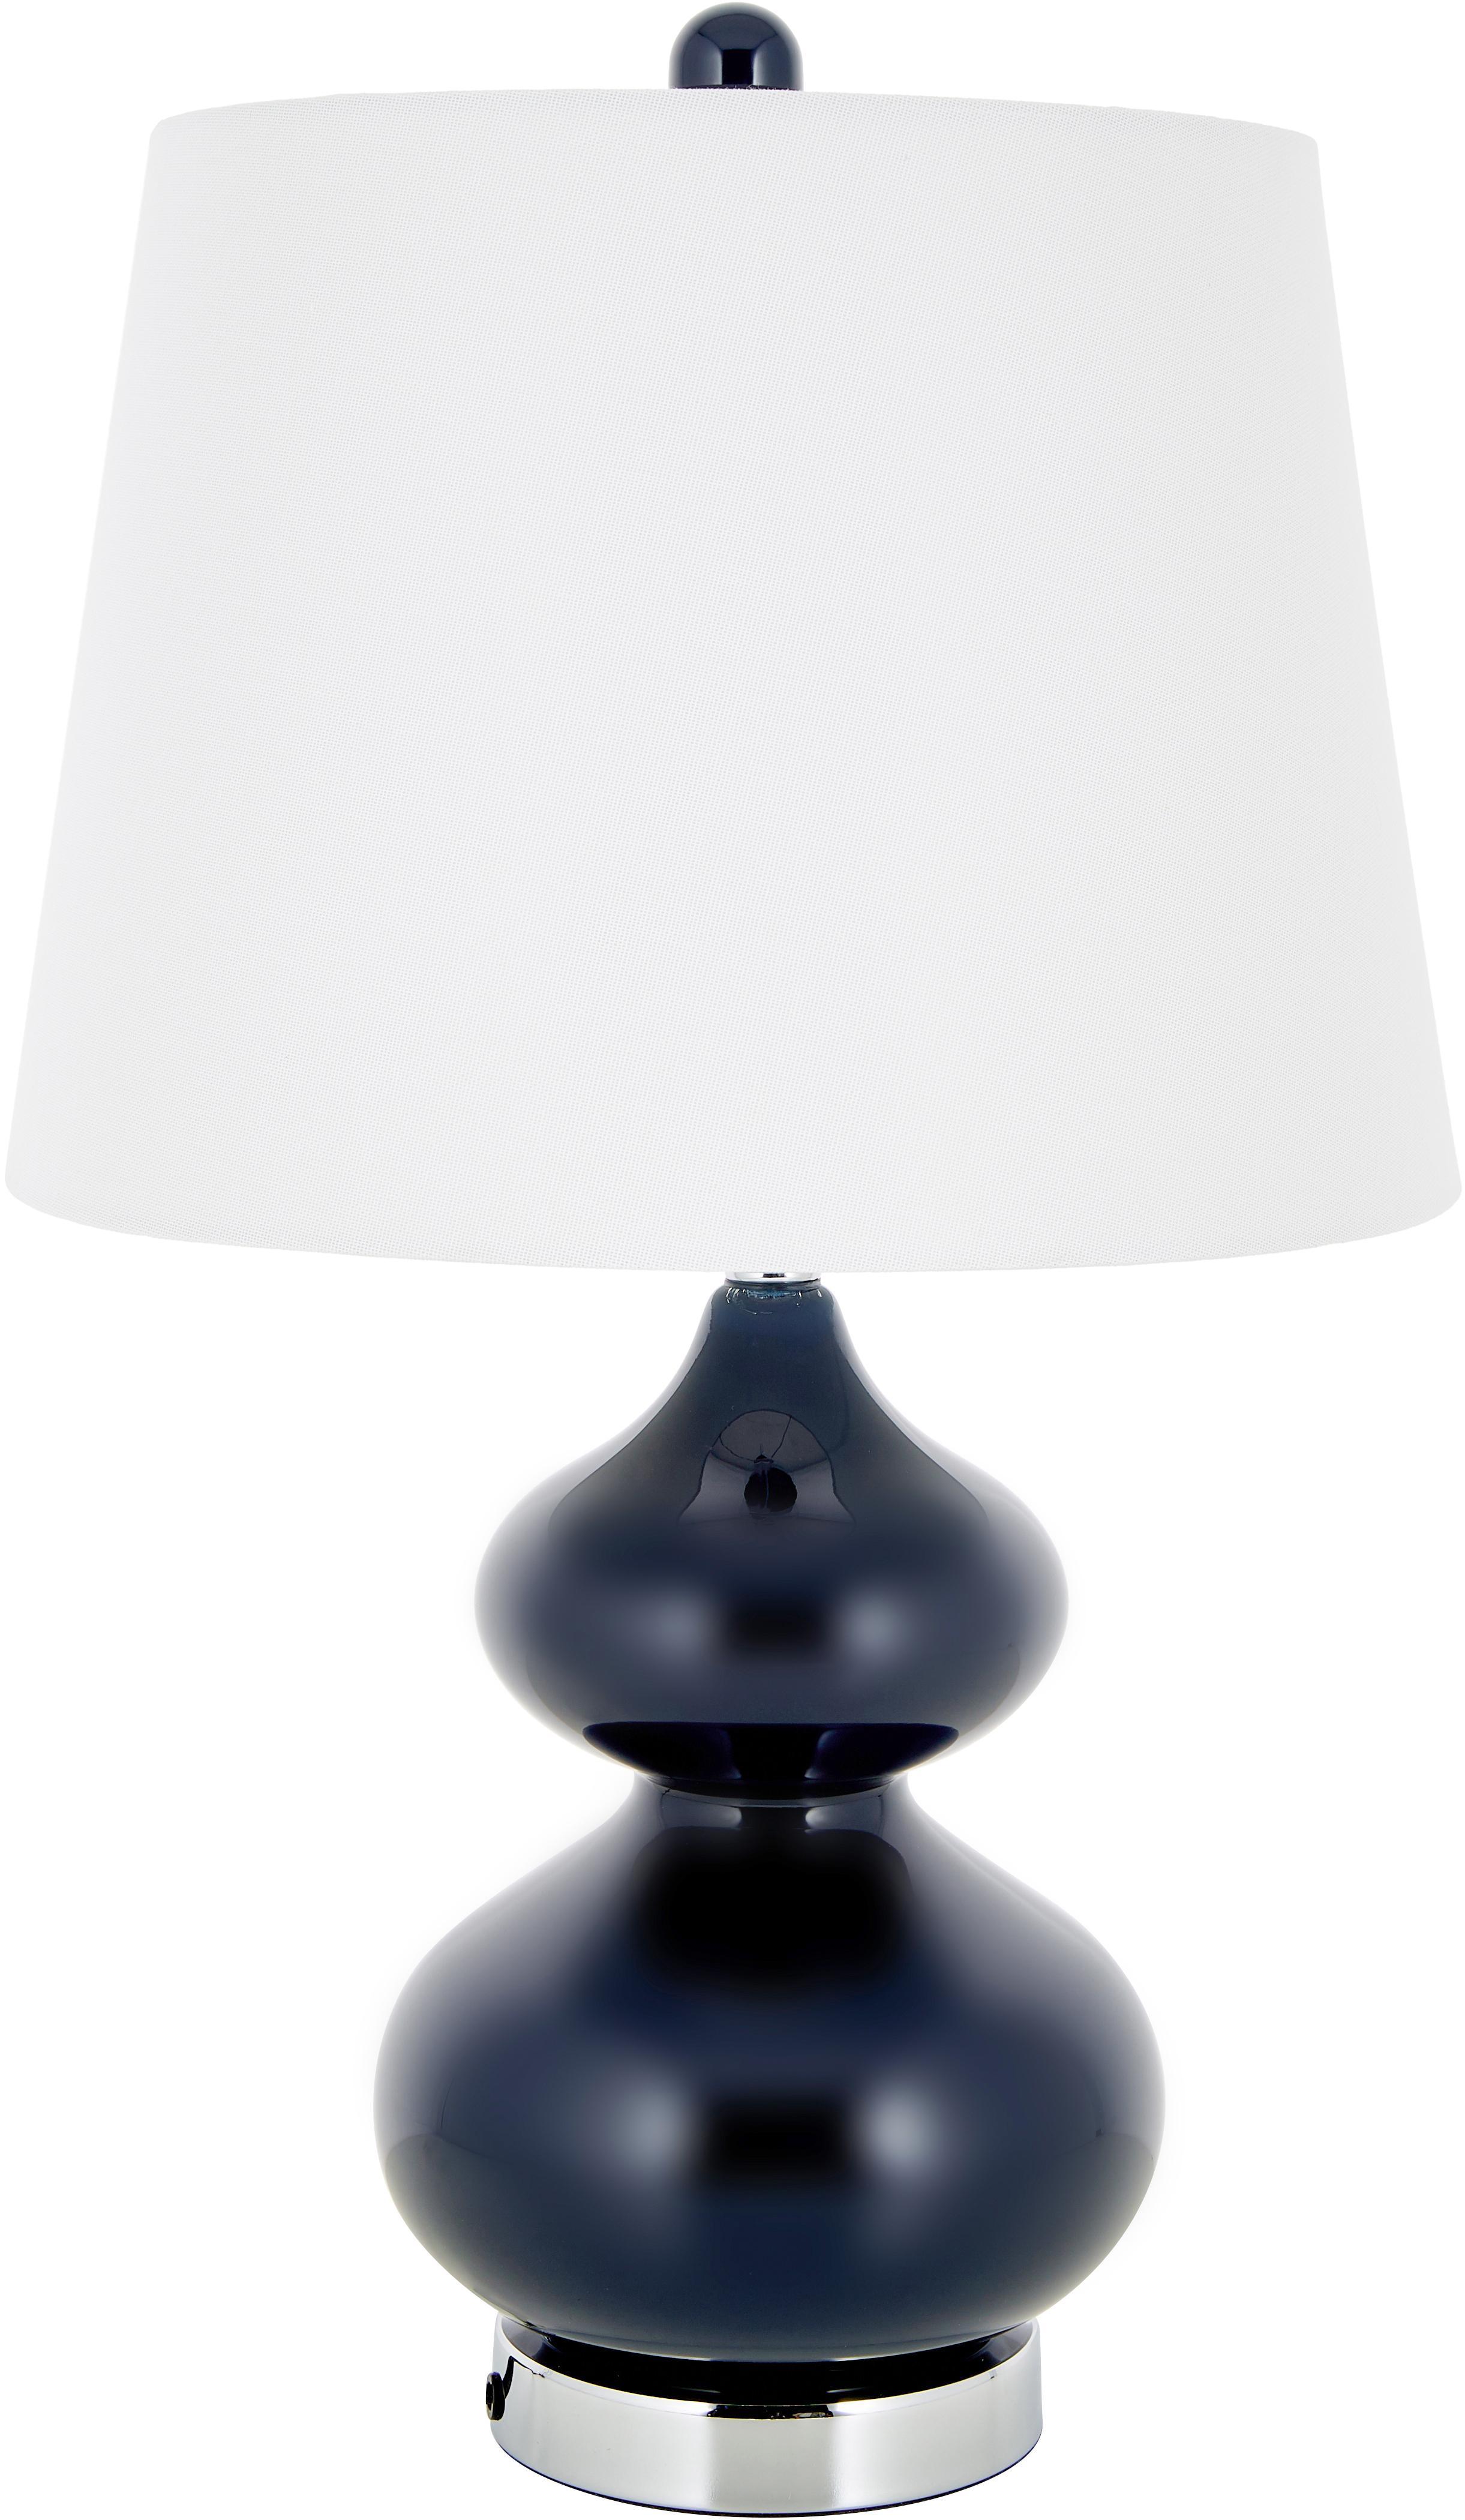 Lámparas de mesa grandesFelicitas, 2uds., Pantalla: algodón, Azul, Ø 35 x Al 58 cm